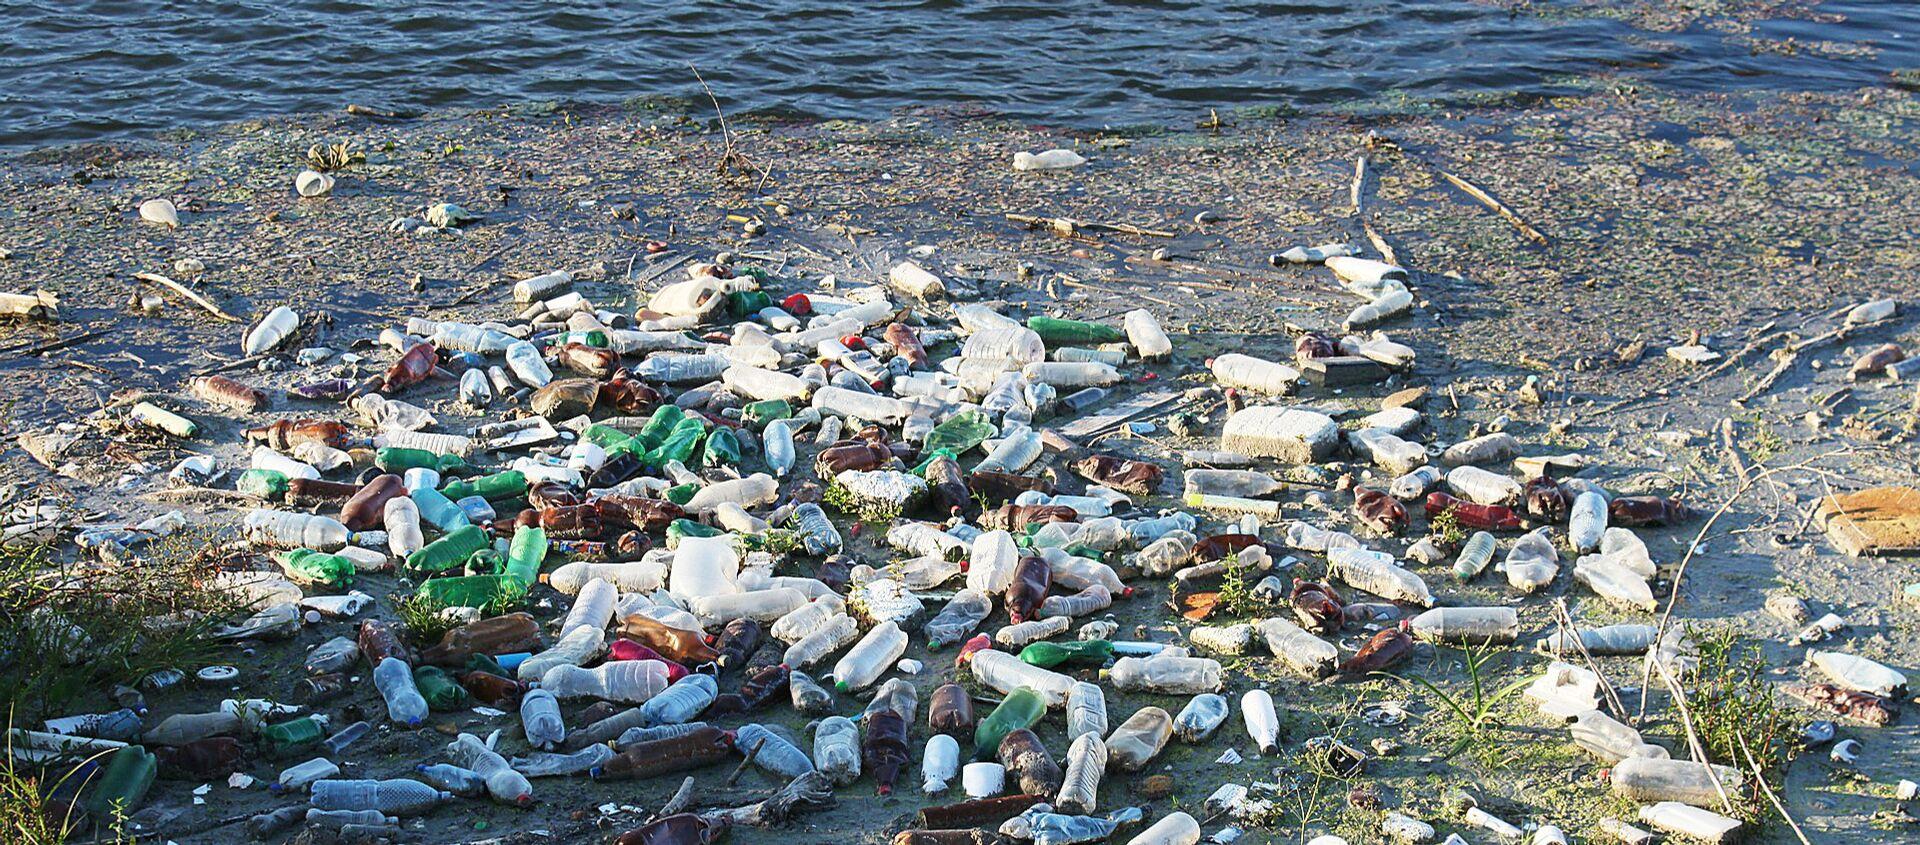 Пластиковые бутылки и другой мусор плавает в воде - Sputnik Latvija, 1920, 10.01.2020